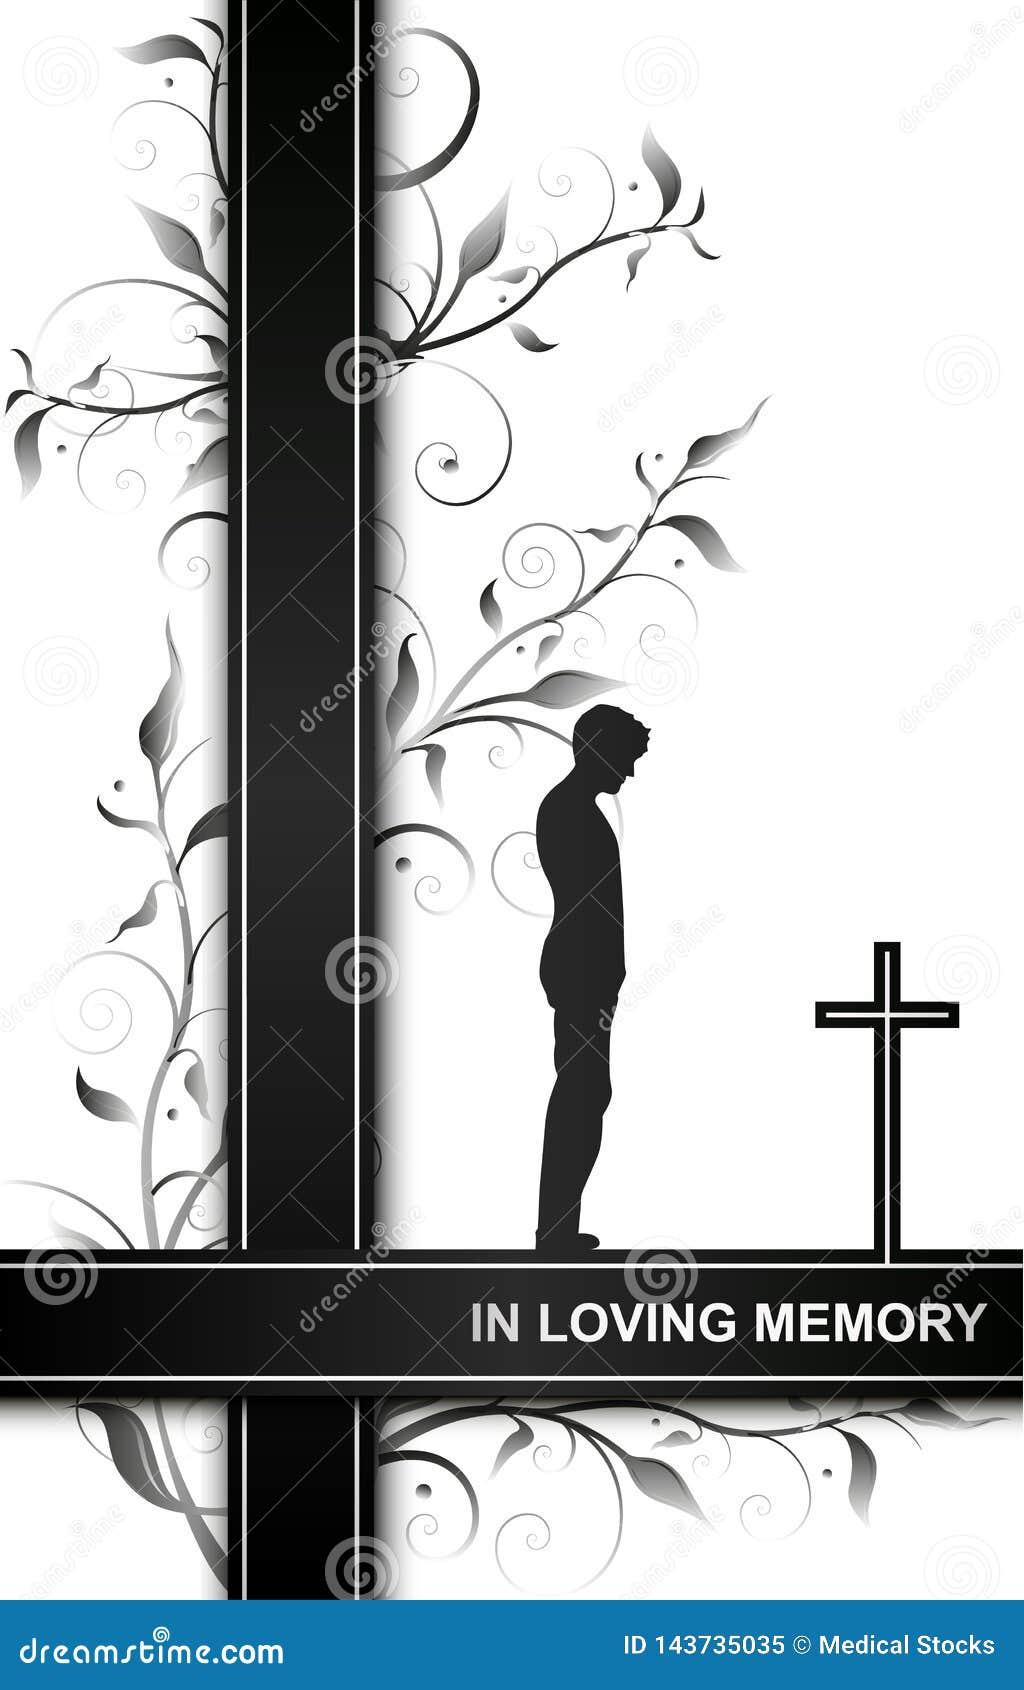 哀悼的卡片在与一个人的爱的记忆里在白色背景隔绝的一个发怒和花卉元素的